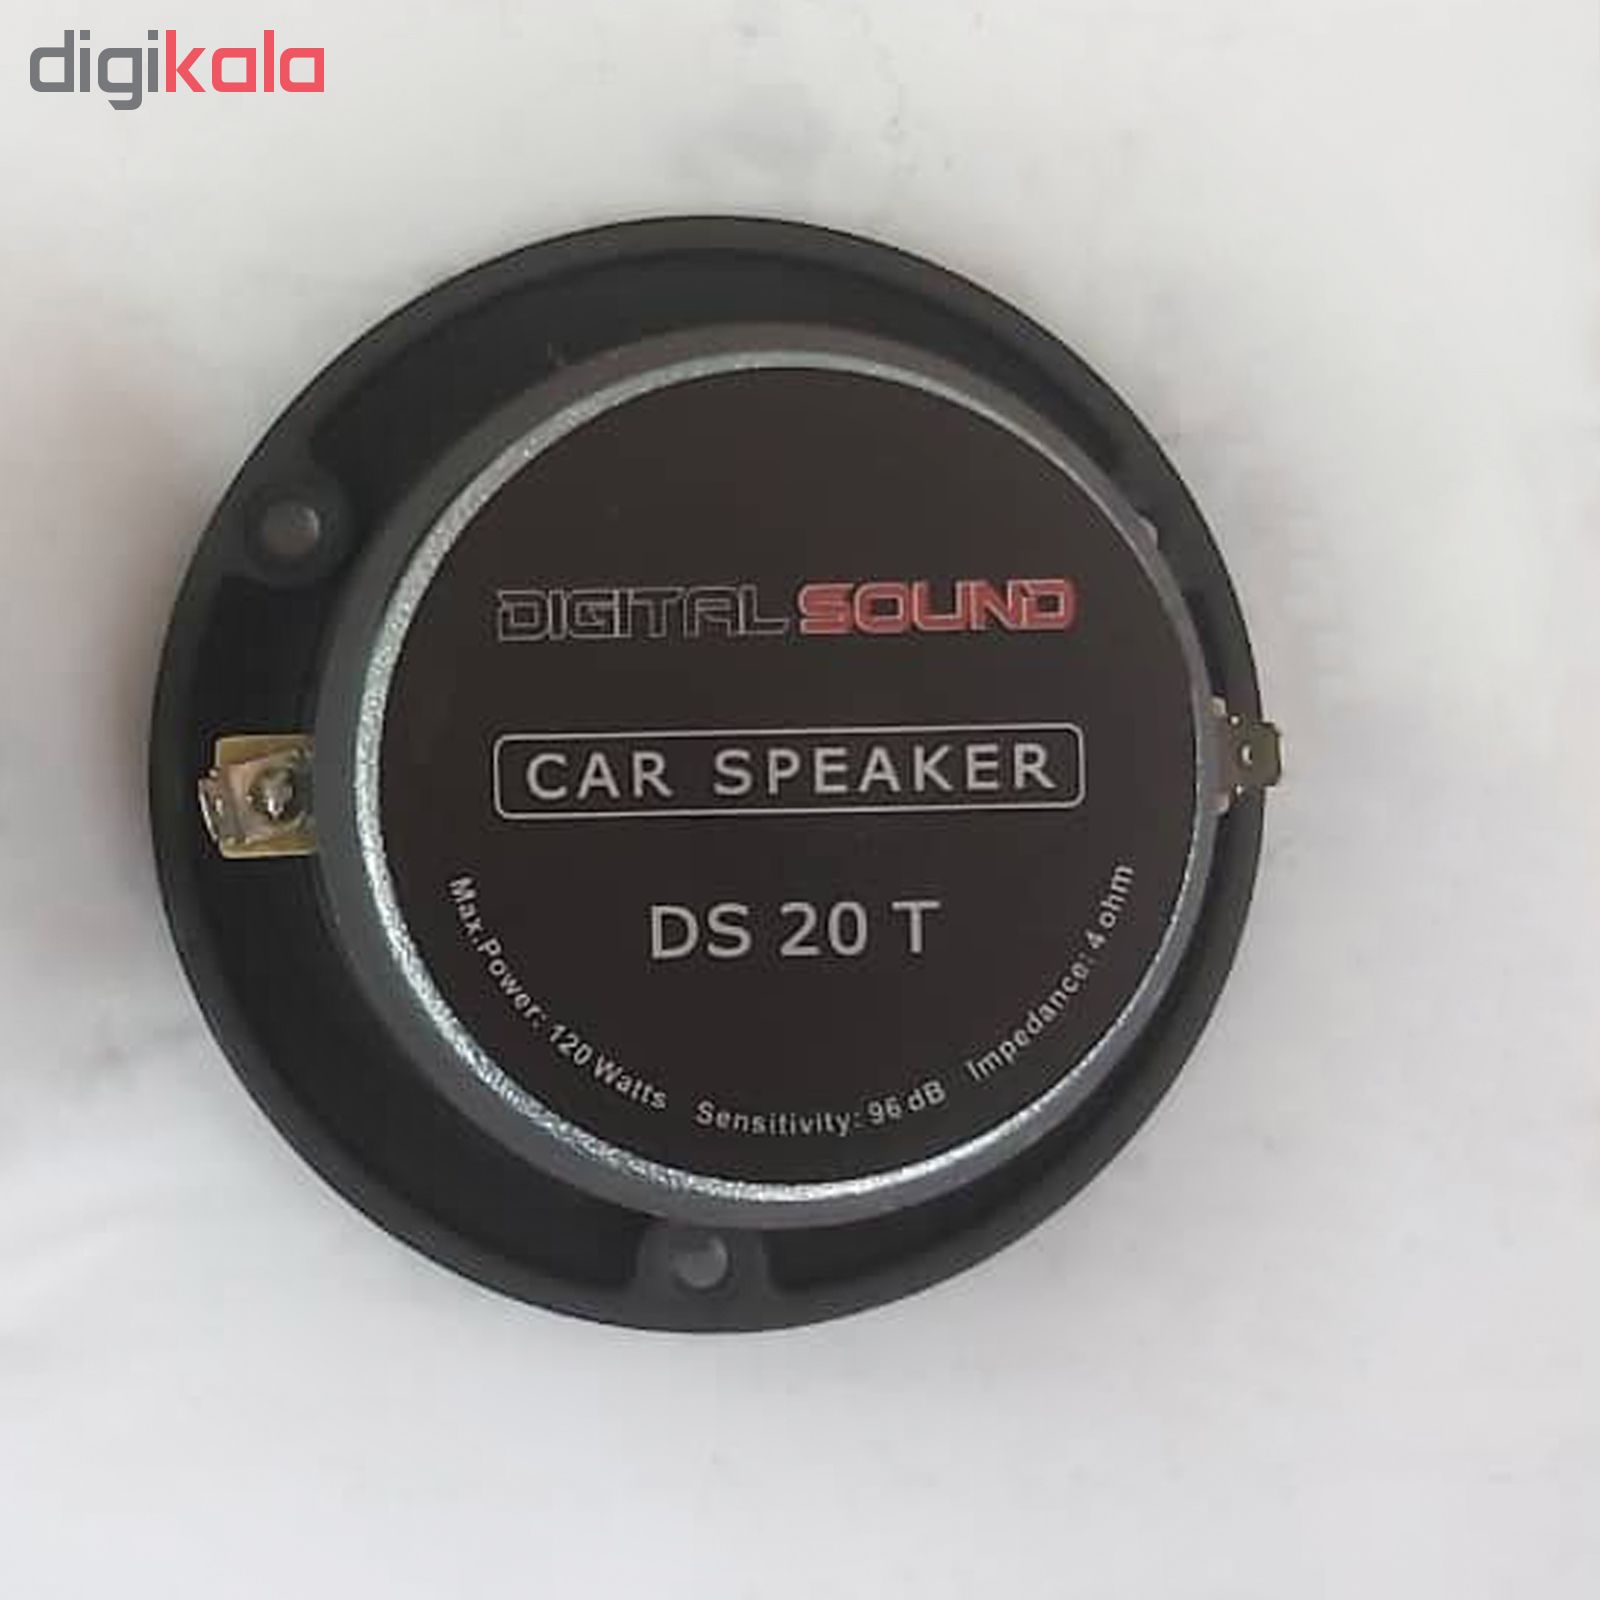 خرید اینترنتی توییتر خودرو دیجیتال ساند مدل DS20T بسته 2 عددی اورجینال